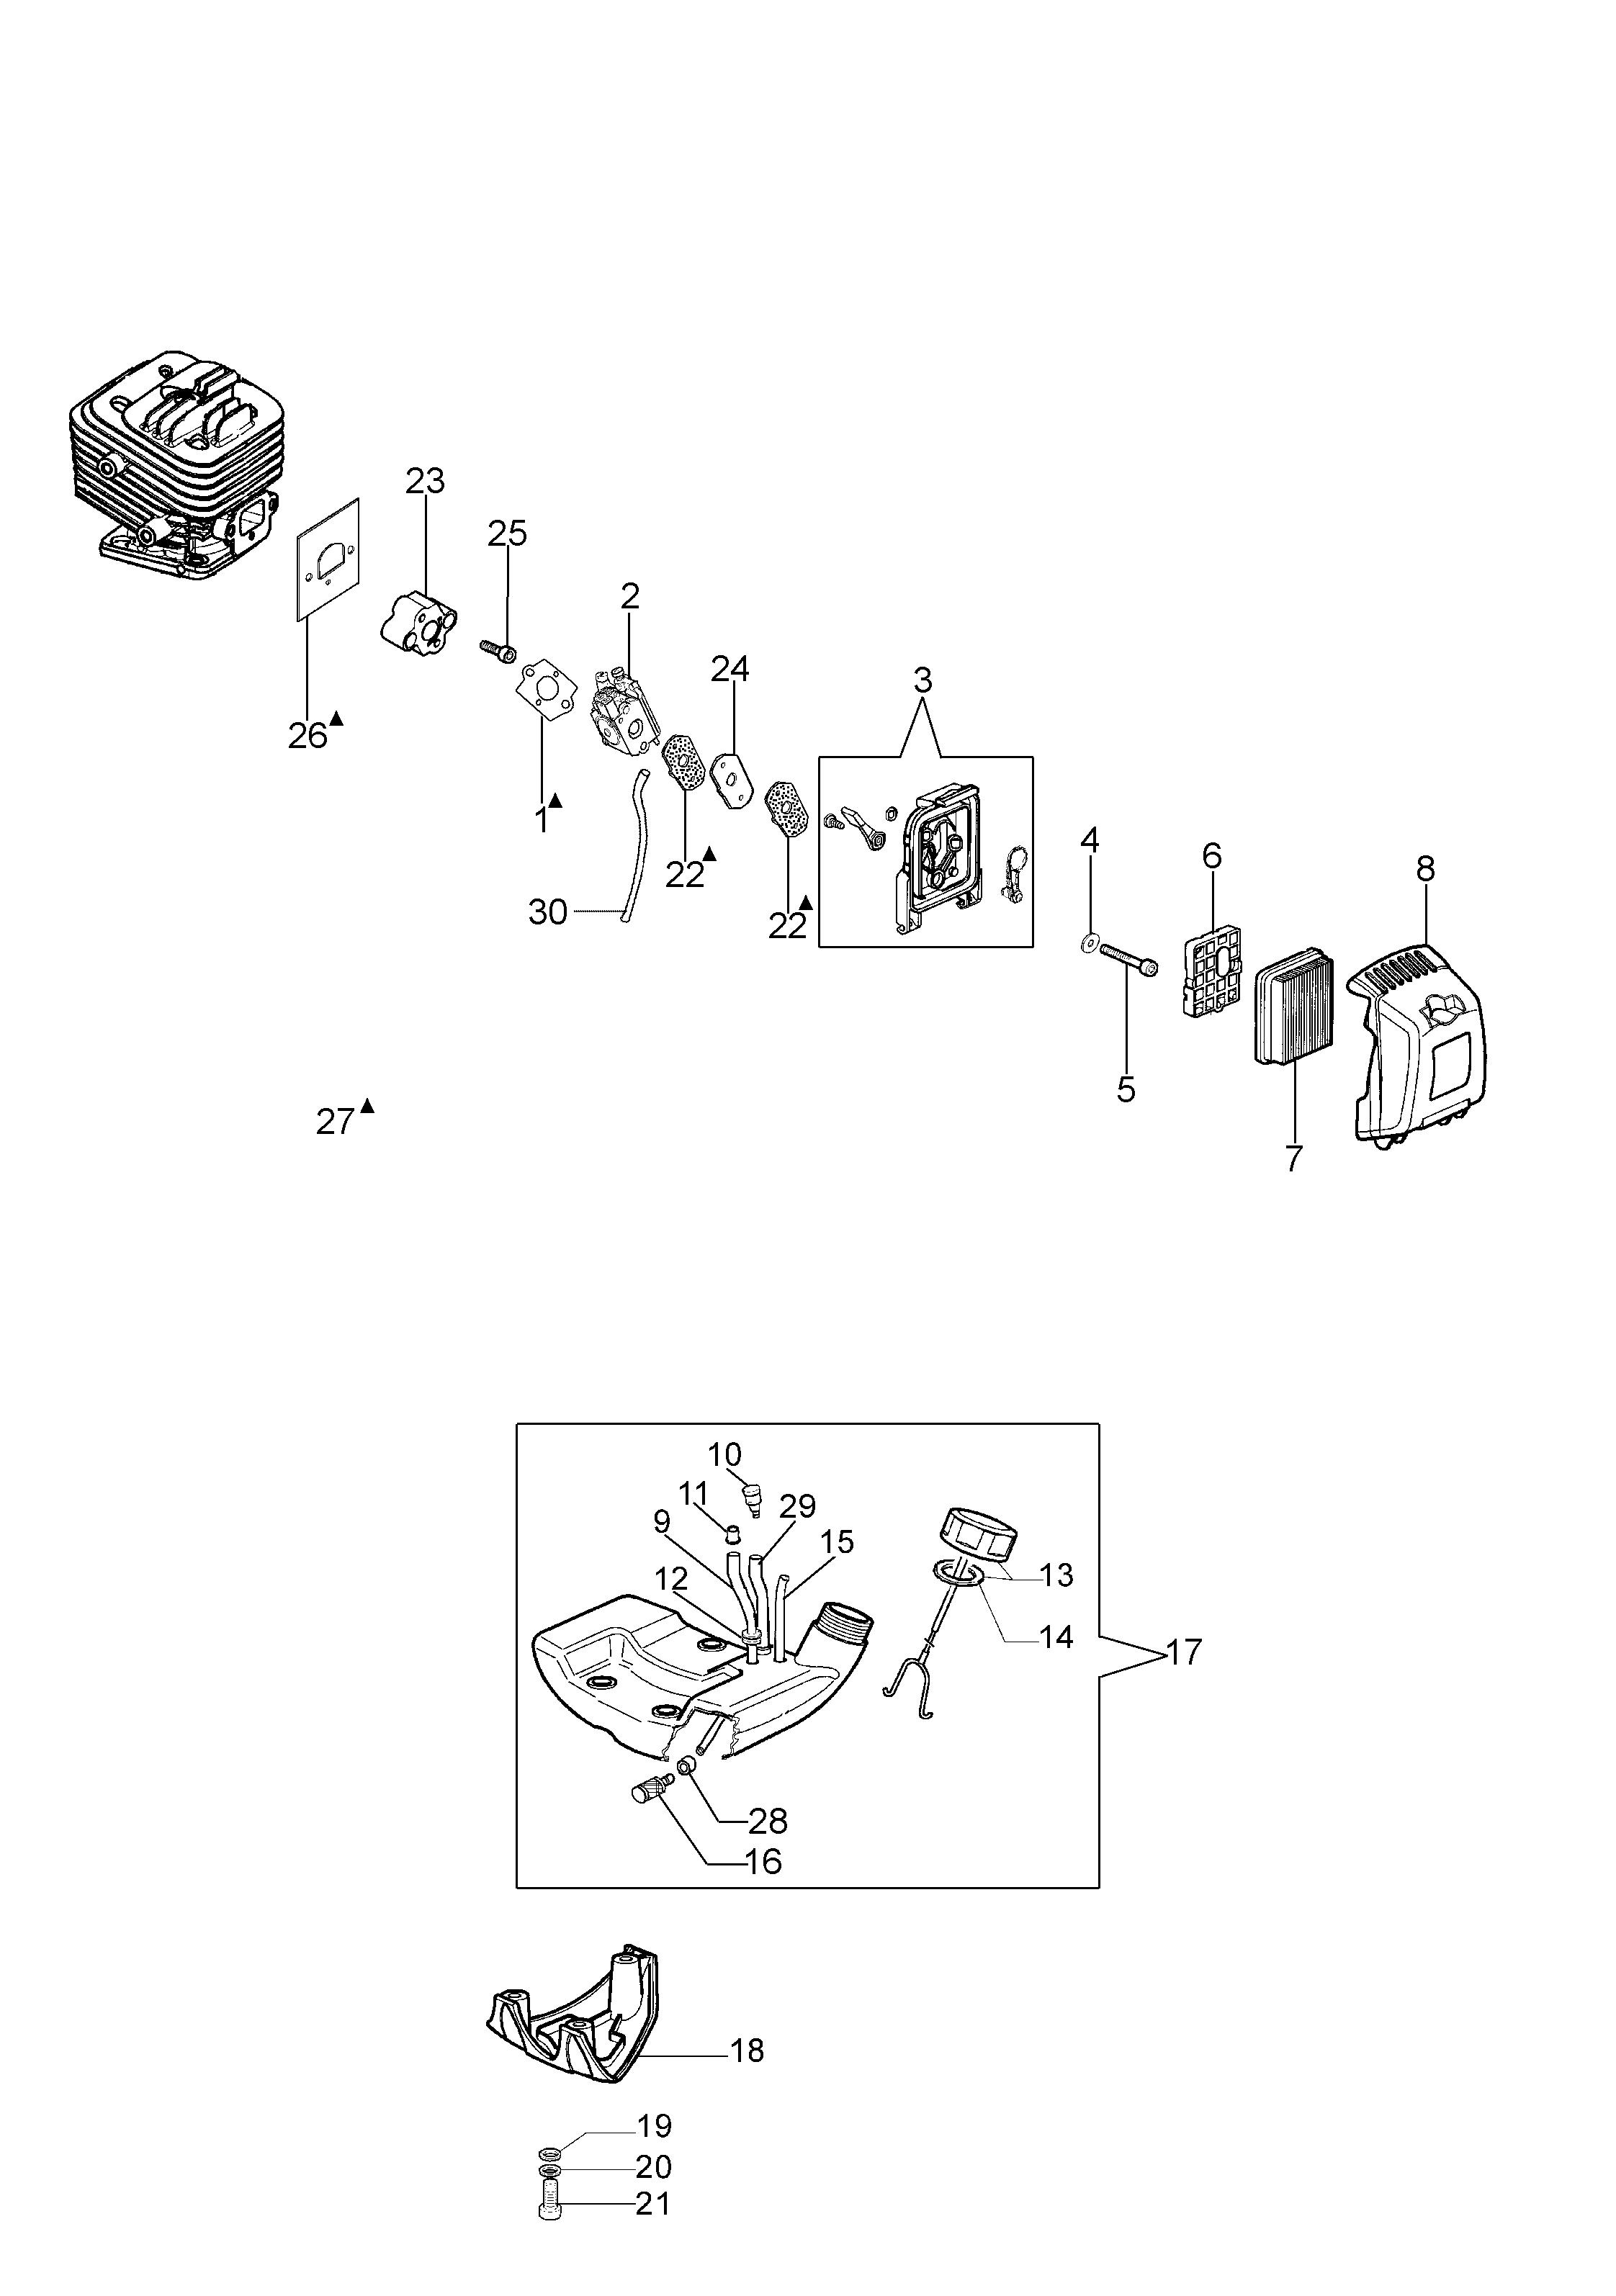 BC 280 S Débroussailleuse oleomac Dessins pièces vue éclatée Réservoir et filtre air